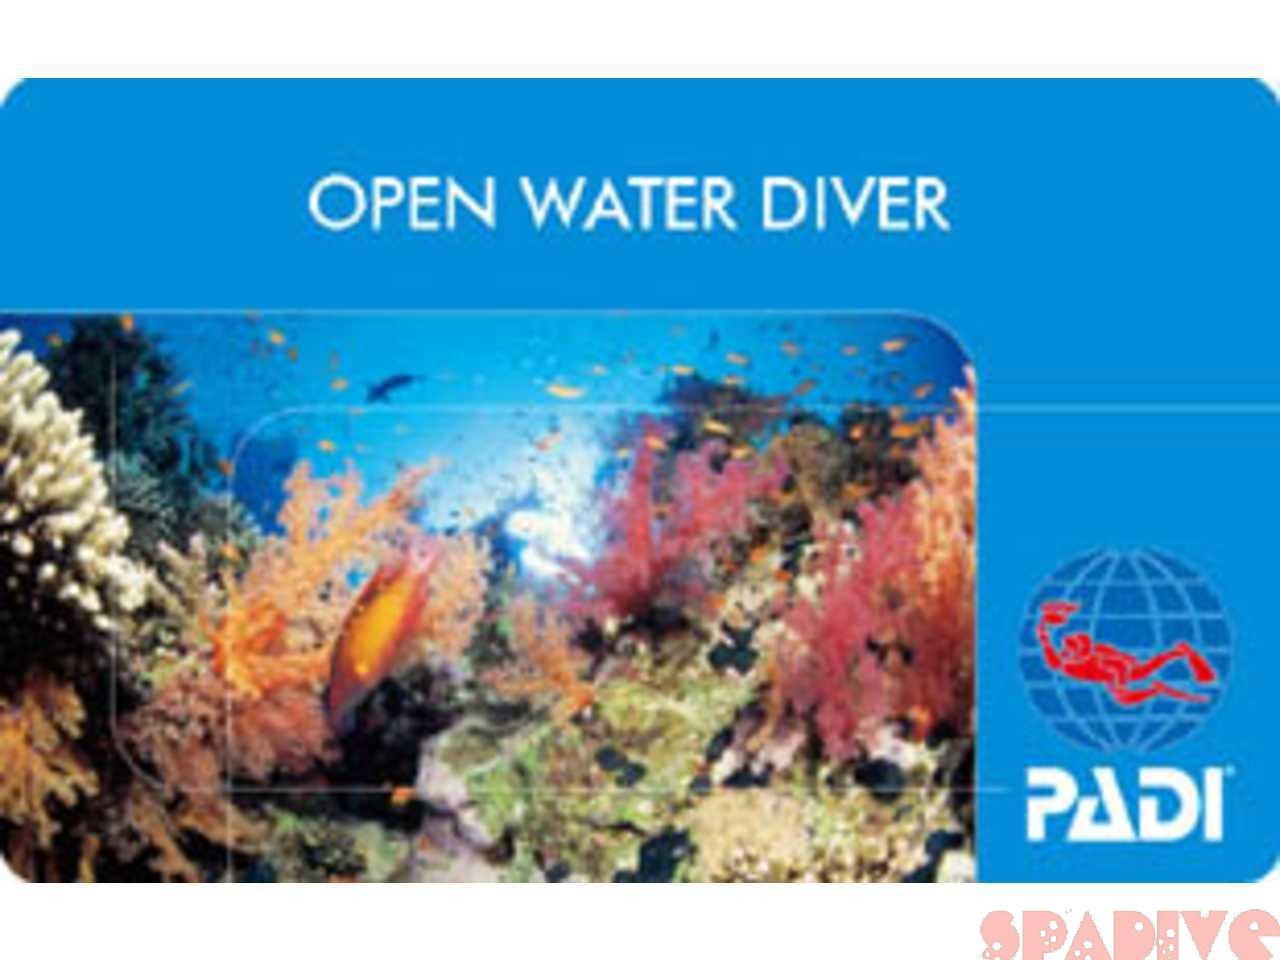 PADI通常ブルー背景カード